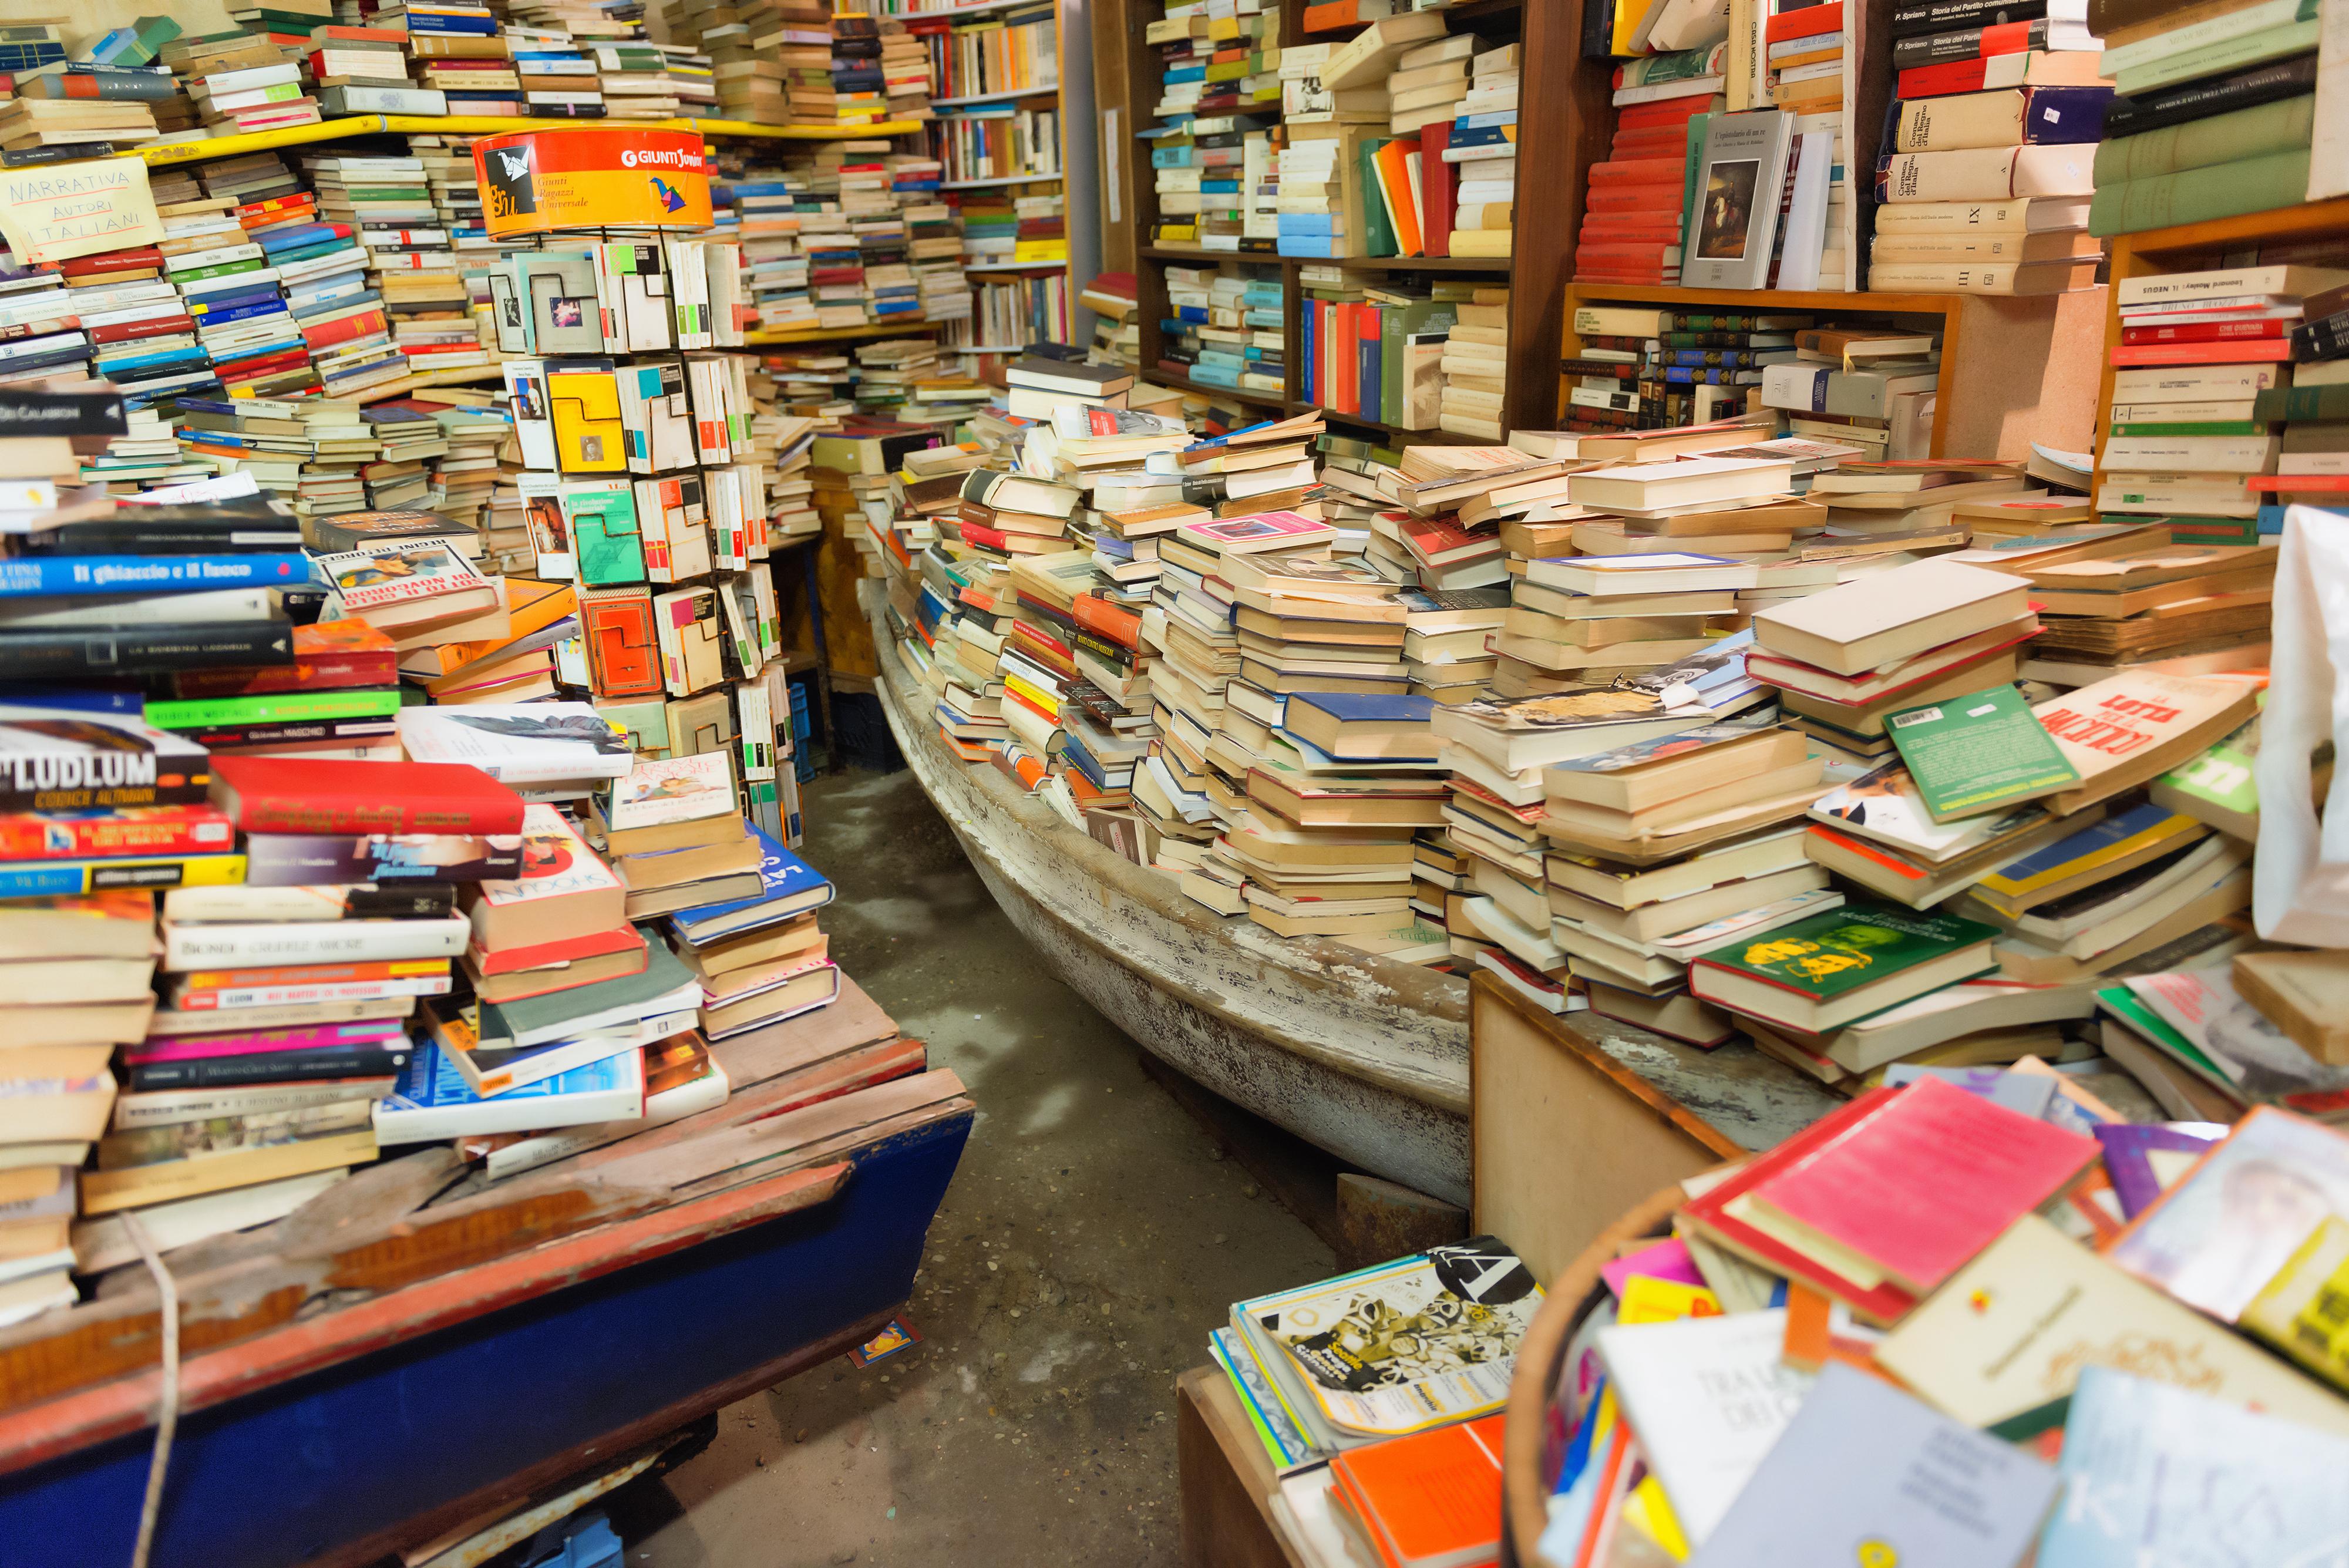 Libreria-Acqua-Alta-a-Venezia-2